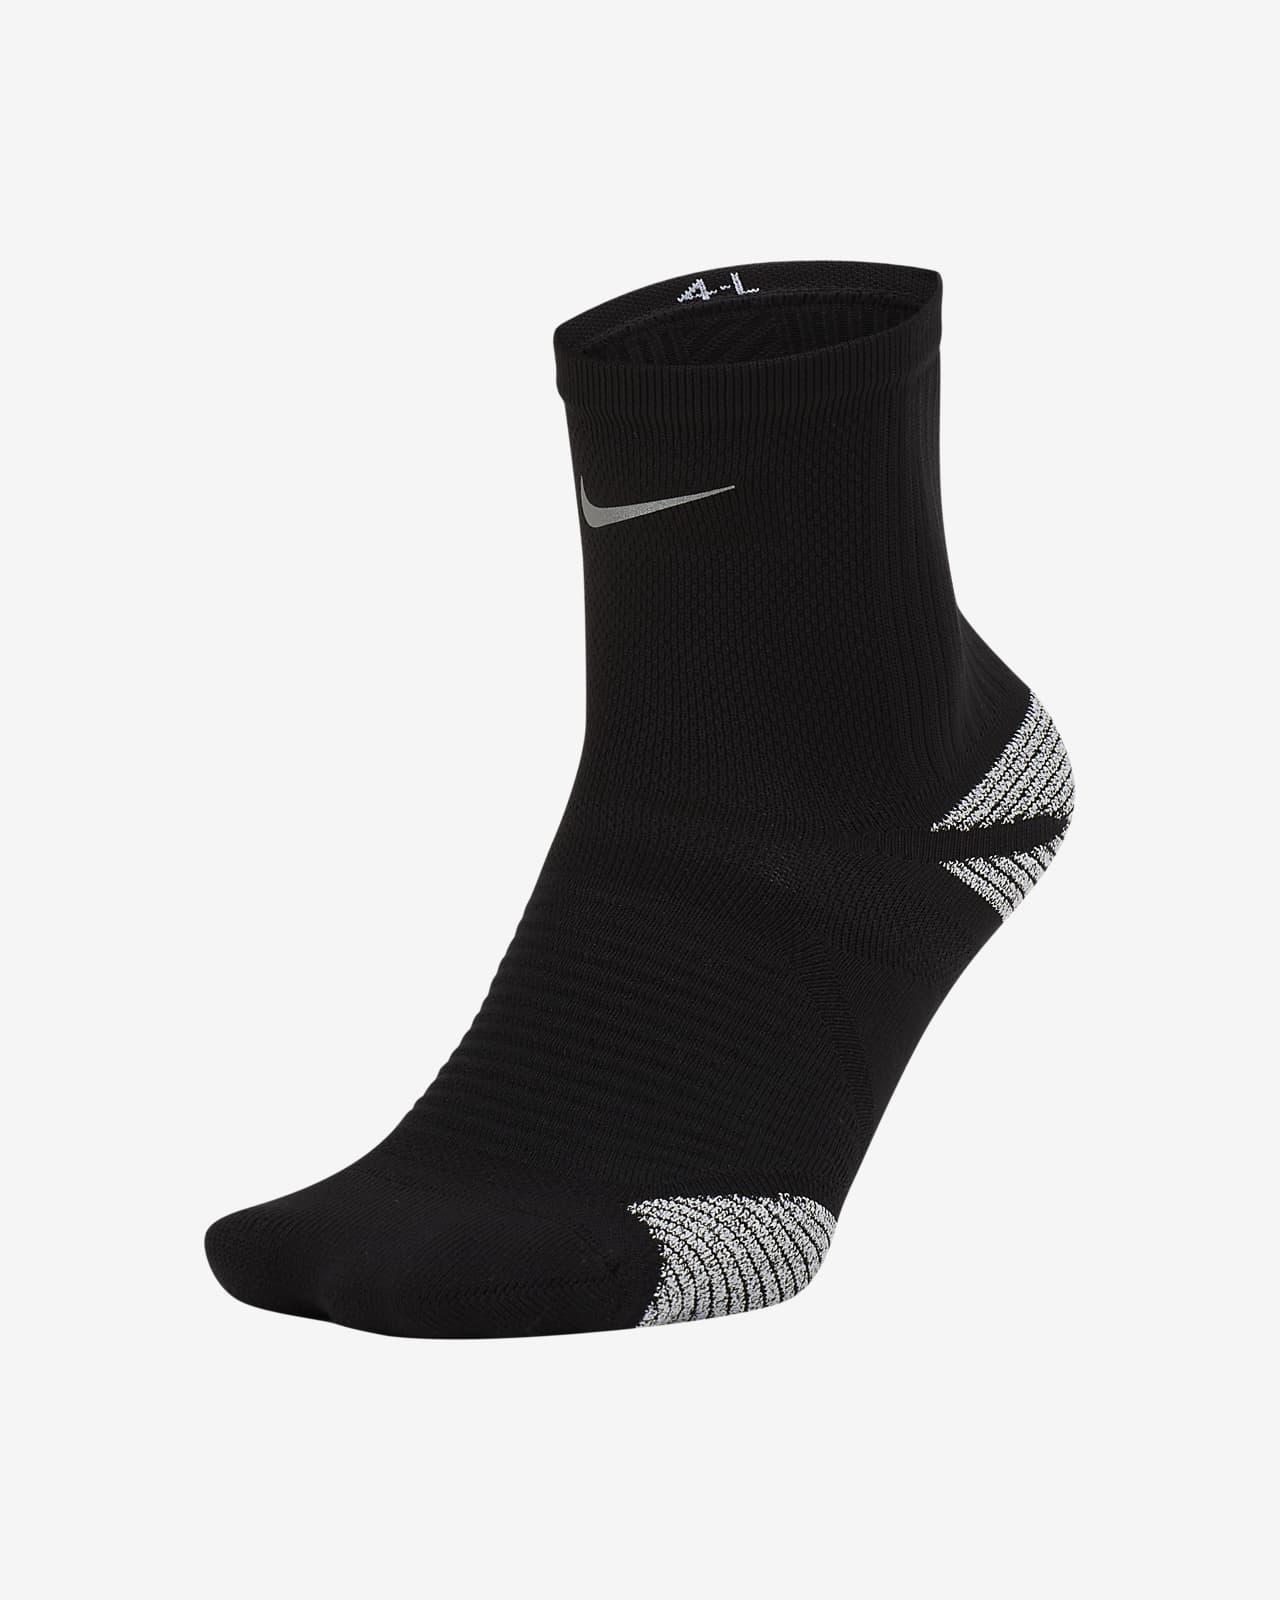 Nike Racing Ankle Socks